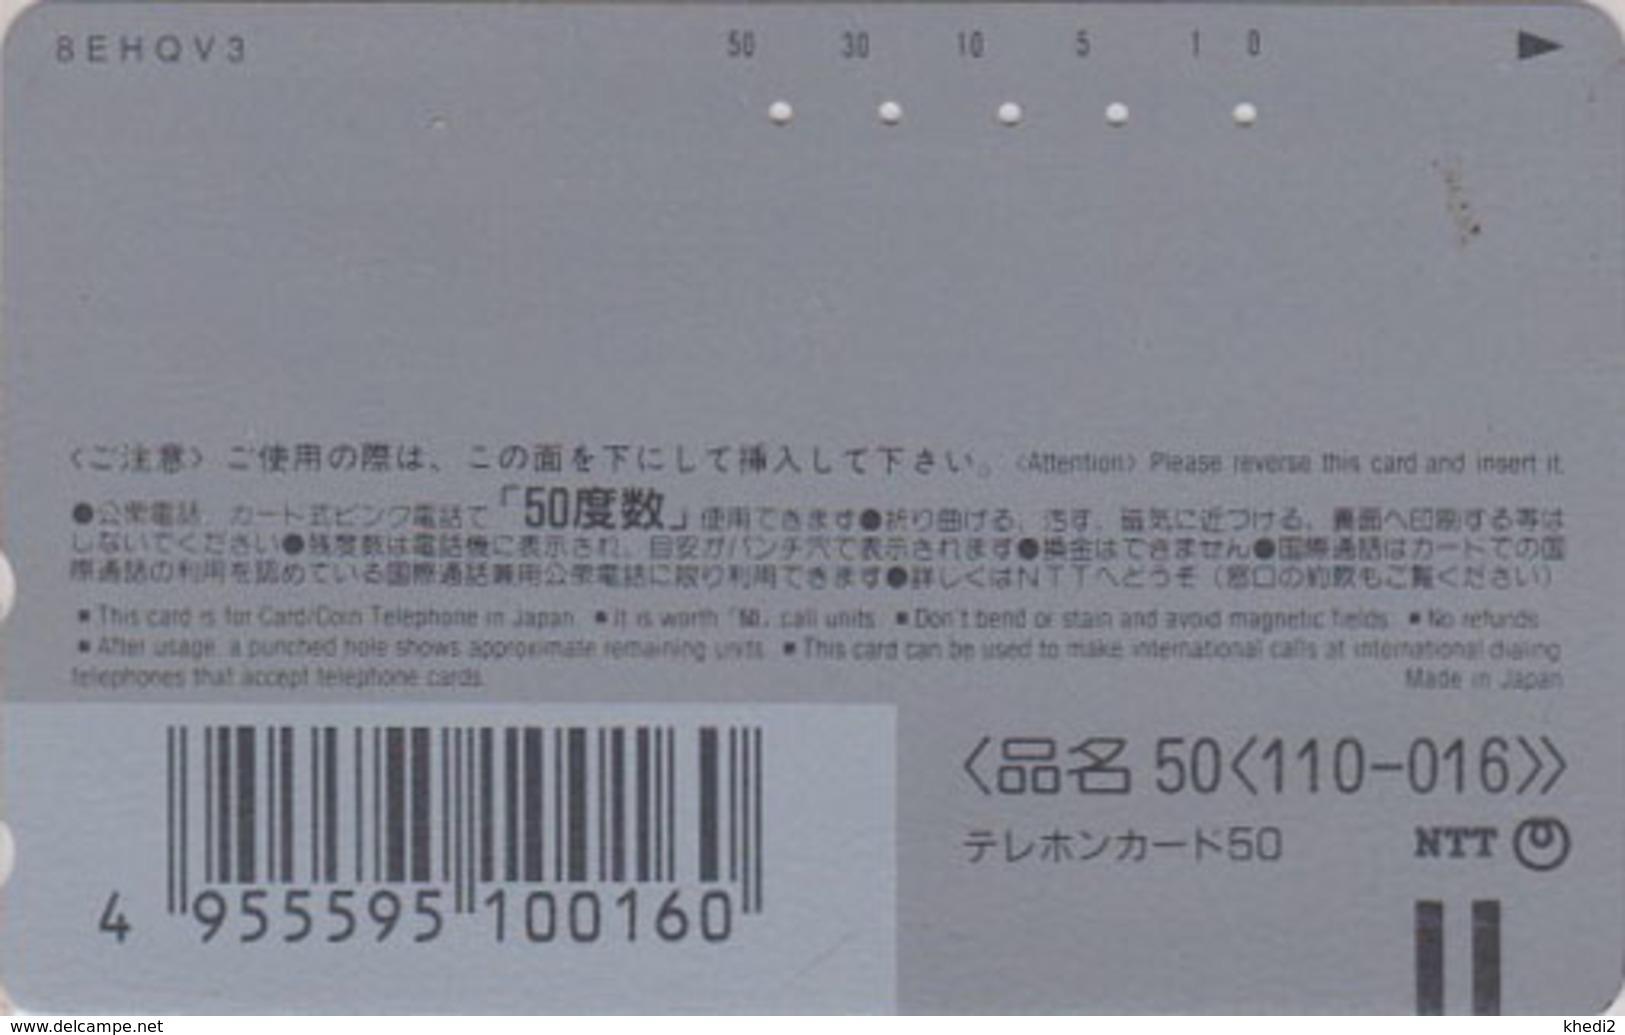 Télécarte Japon / 110-016 - BD Comics - OURS PADDINGTON Songeur 1 - TEDDY BEAR Japan Phonecard - BÄR - 774 - BD